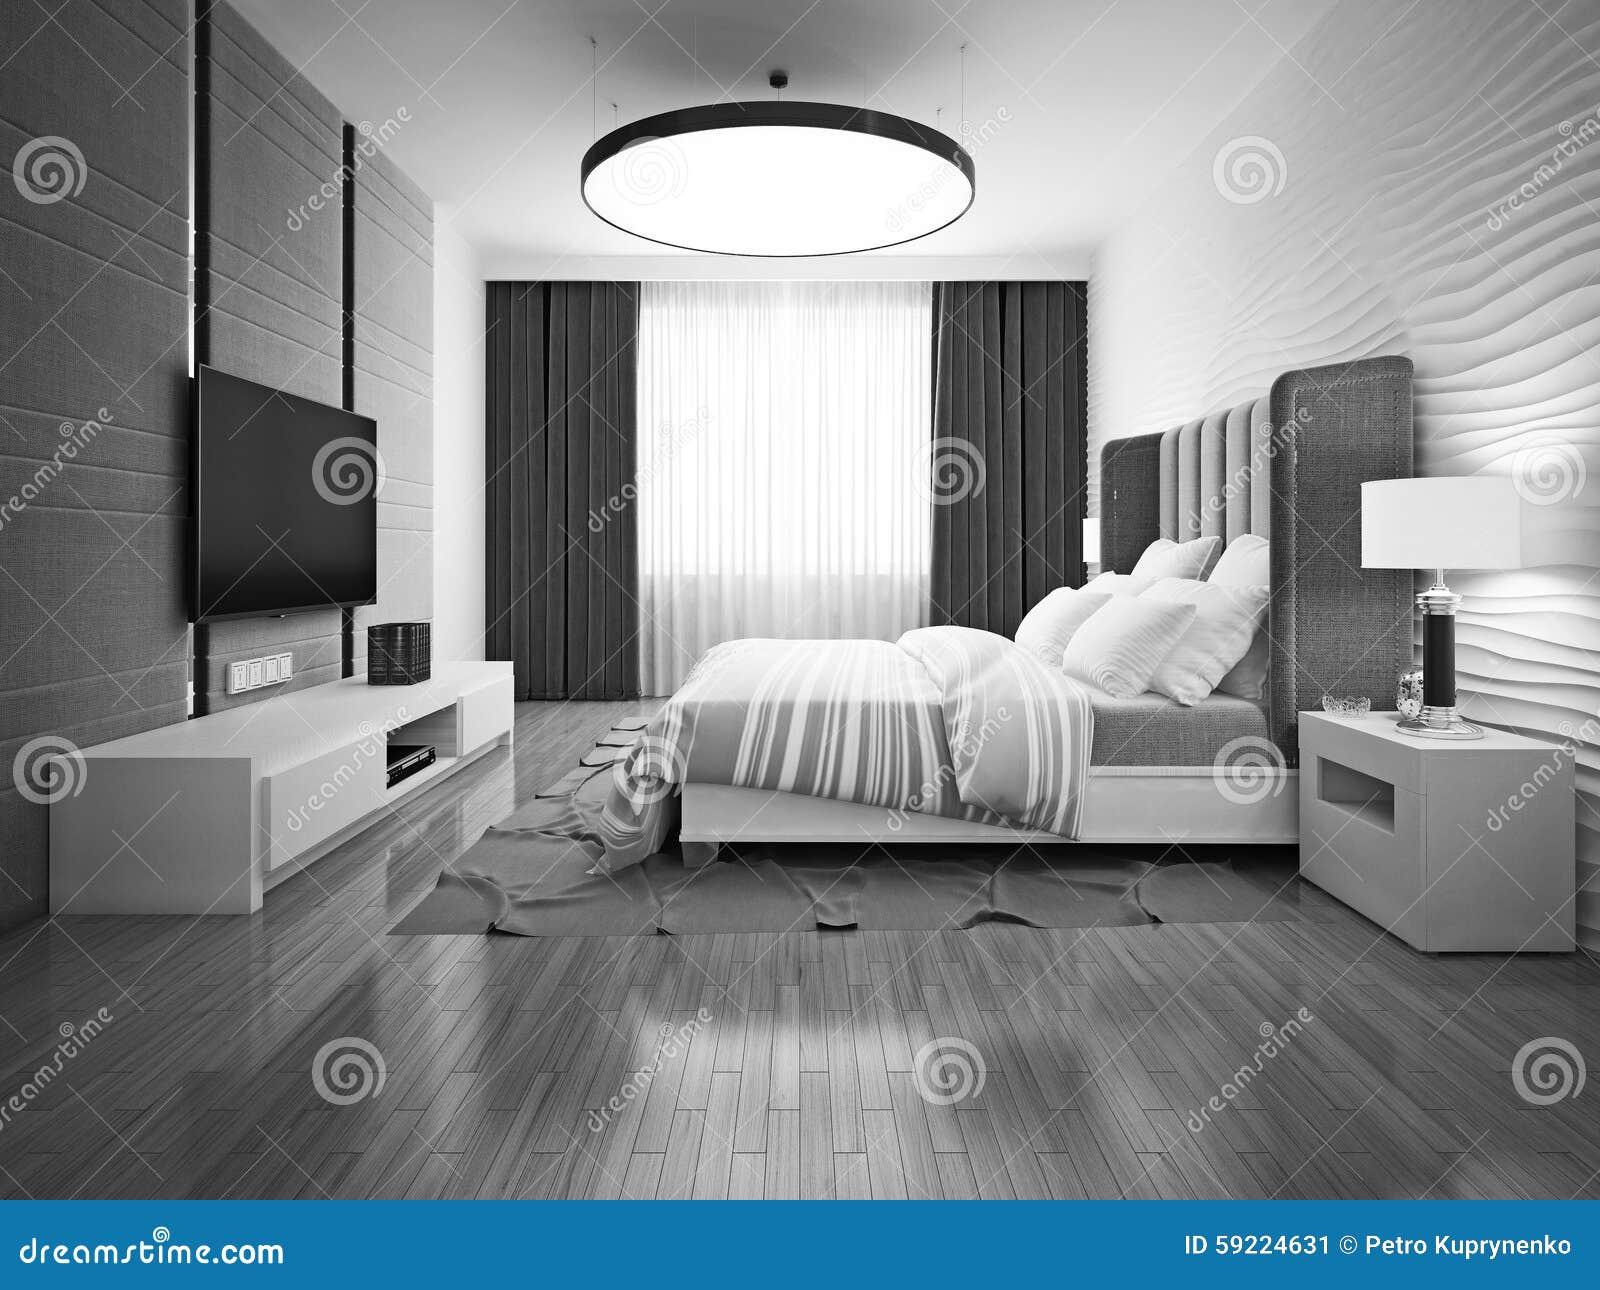 Camere Da Letto Art Deco : Camera da letto monocromatica di art deco immagine stock immagine